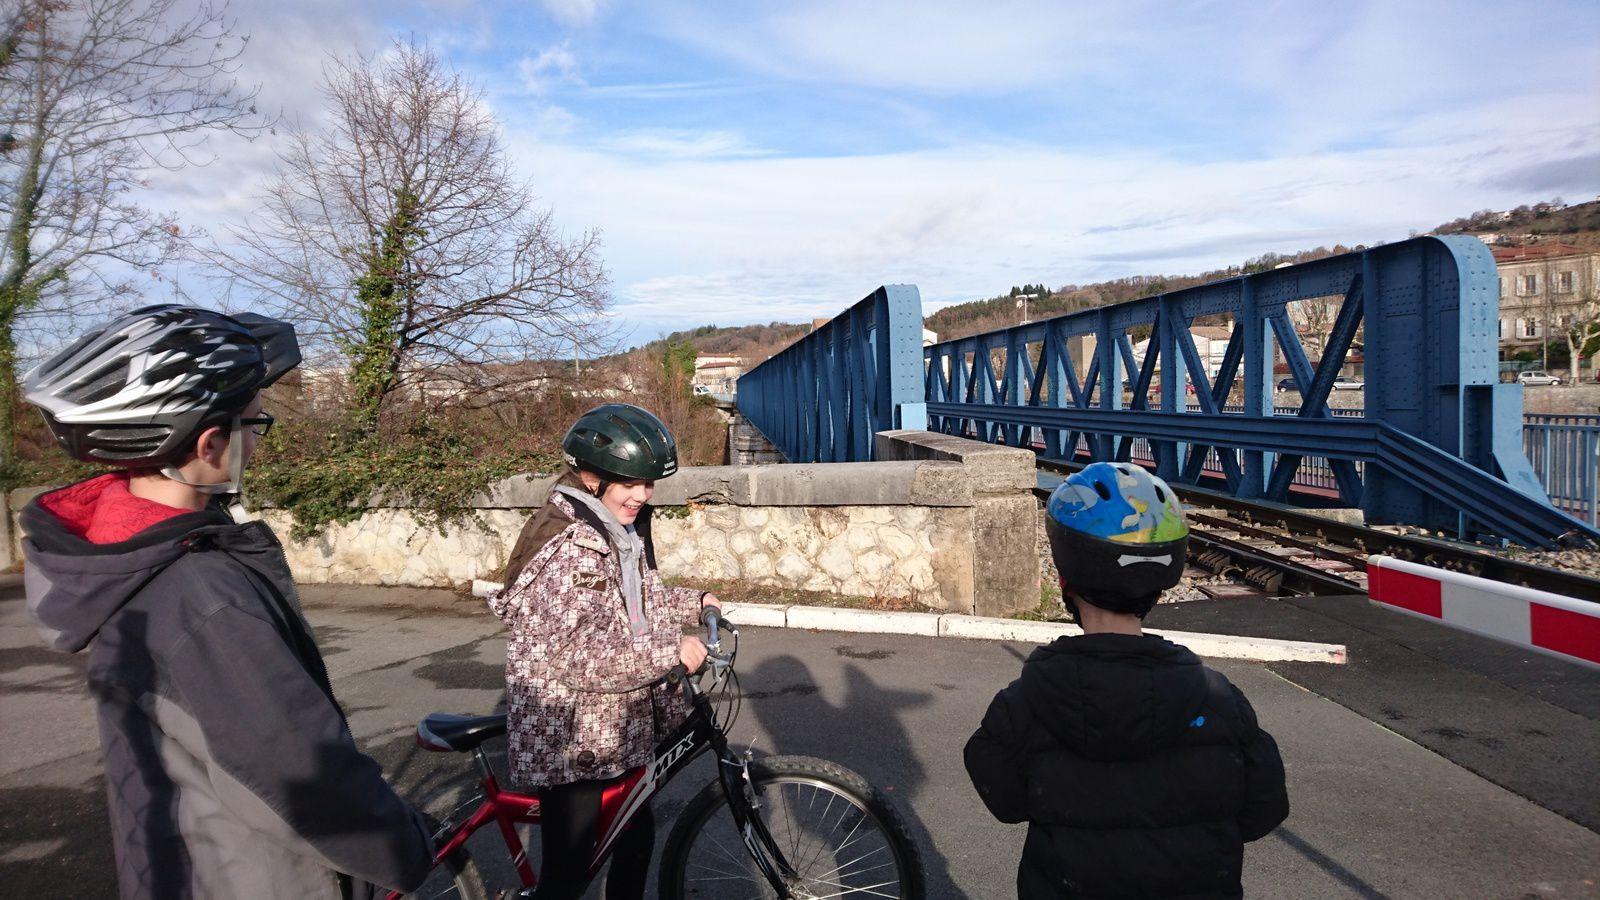 Passage à niveau fermé. On attend le train arrivant de la gare de Crest, par le pont bleu.